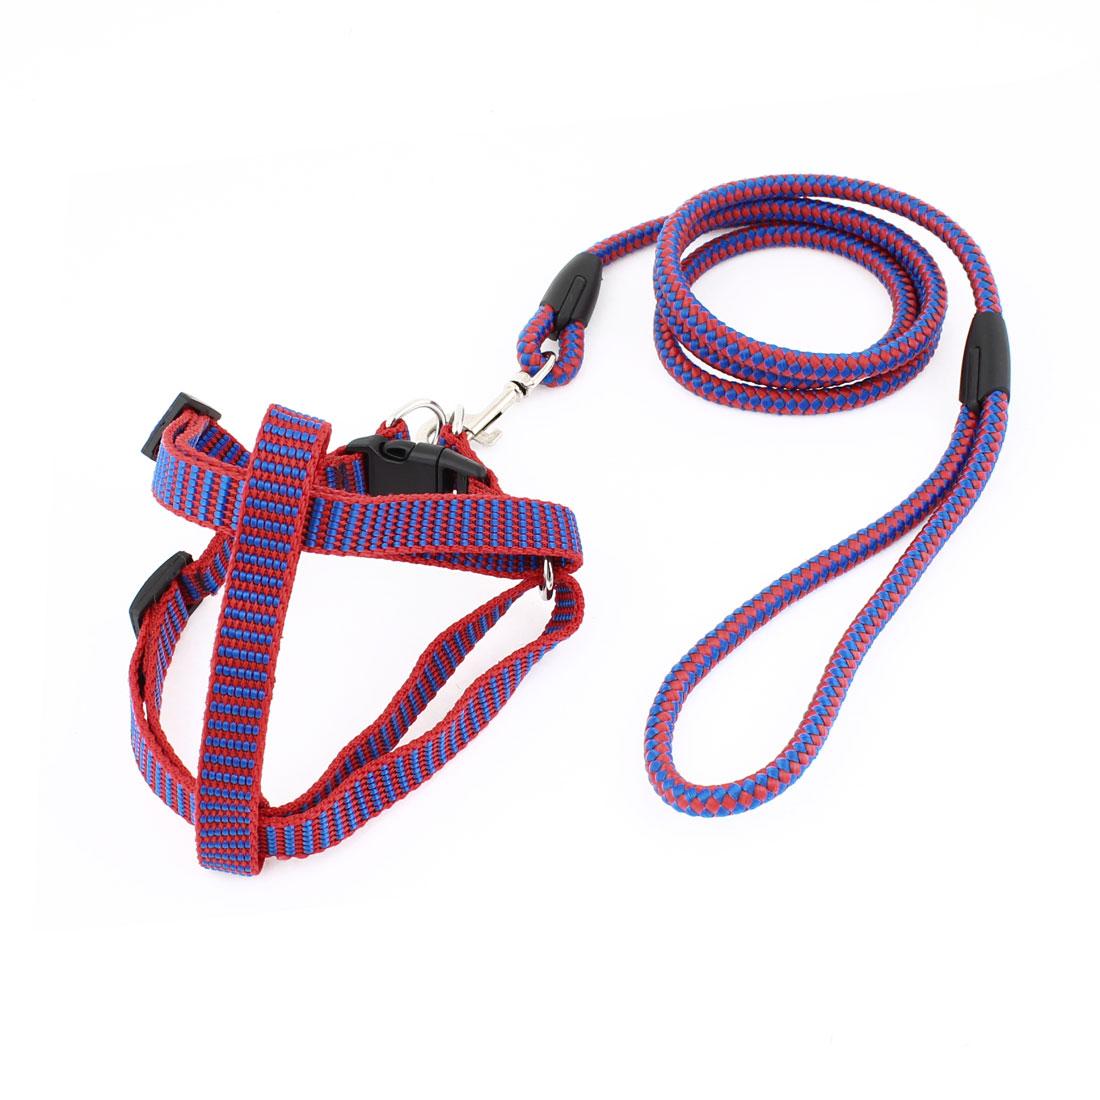 0.8cm Wide Red Blue Nylon Adjustable Harness Halter Leash for Pet Dog